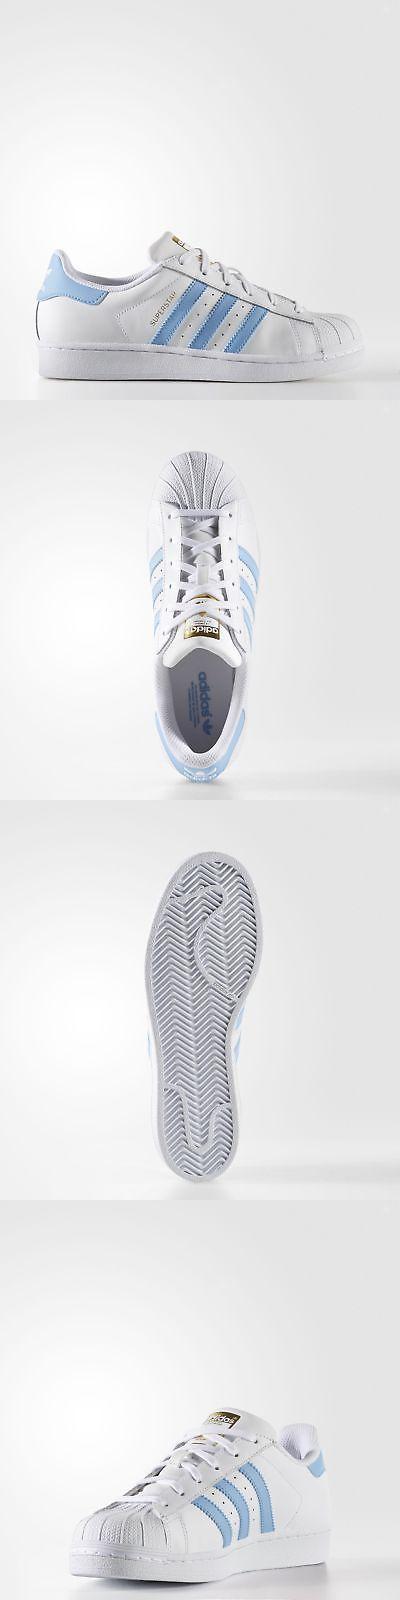 le donne scarpe adidas superstar: le donne bianchi > comprare solo